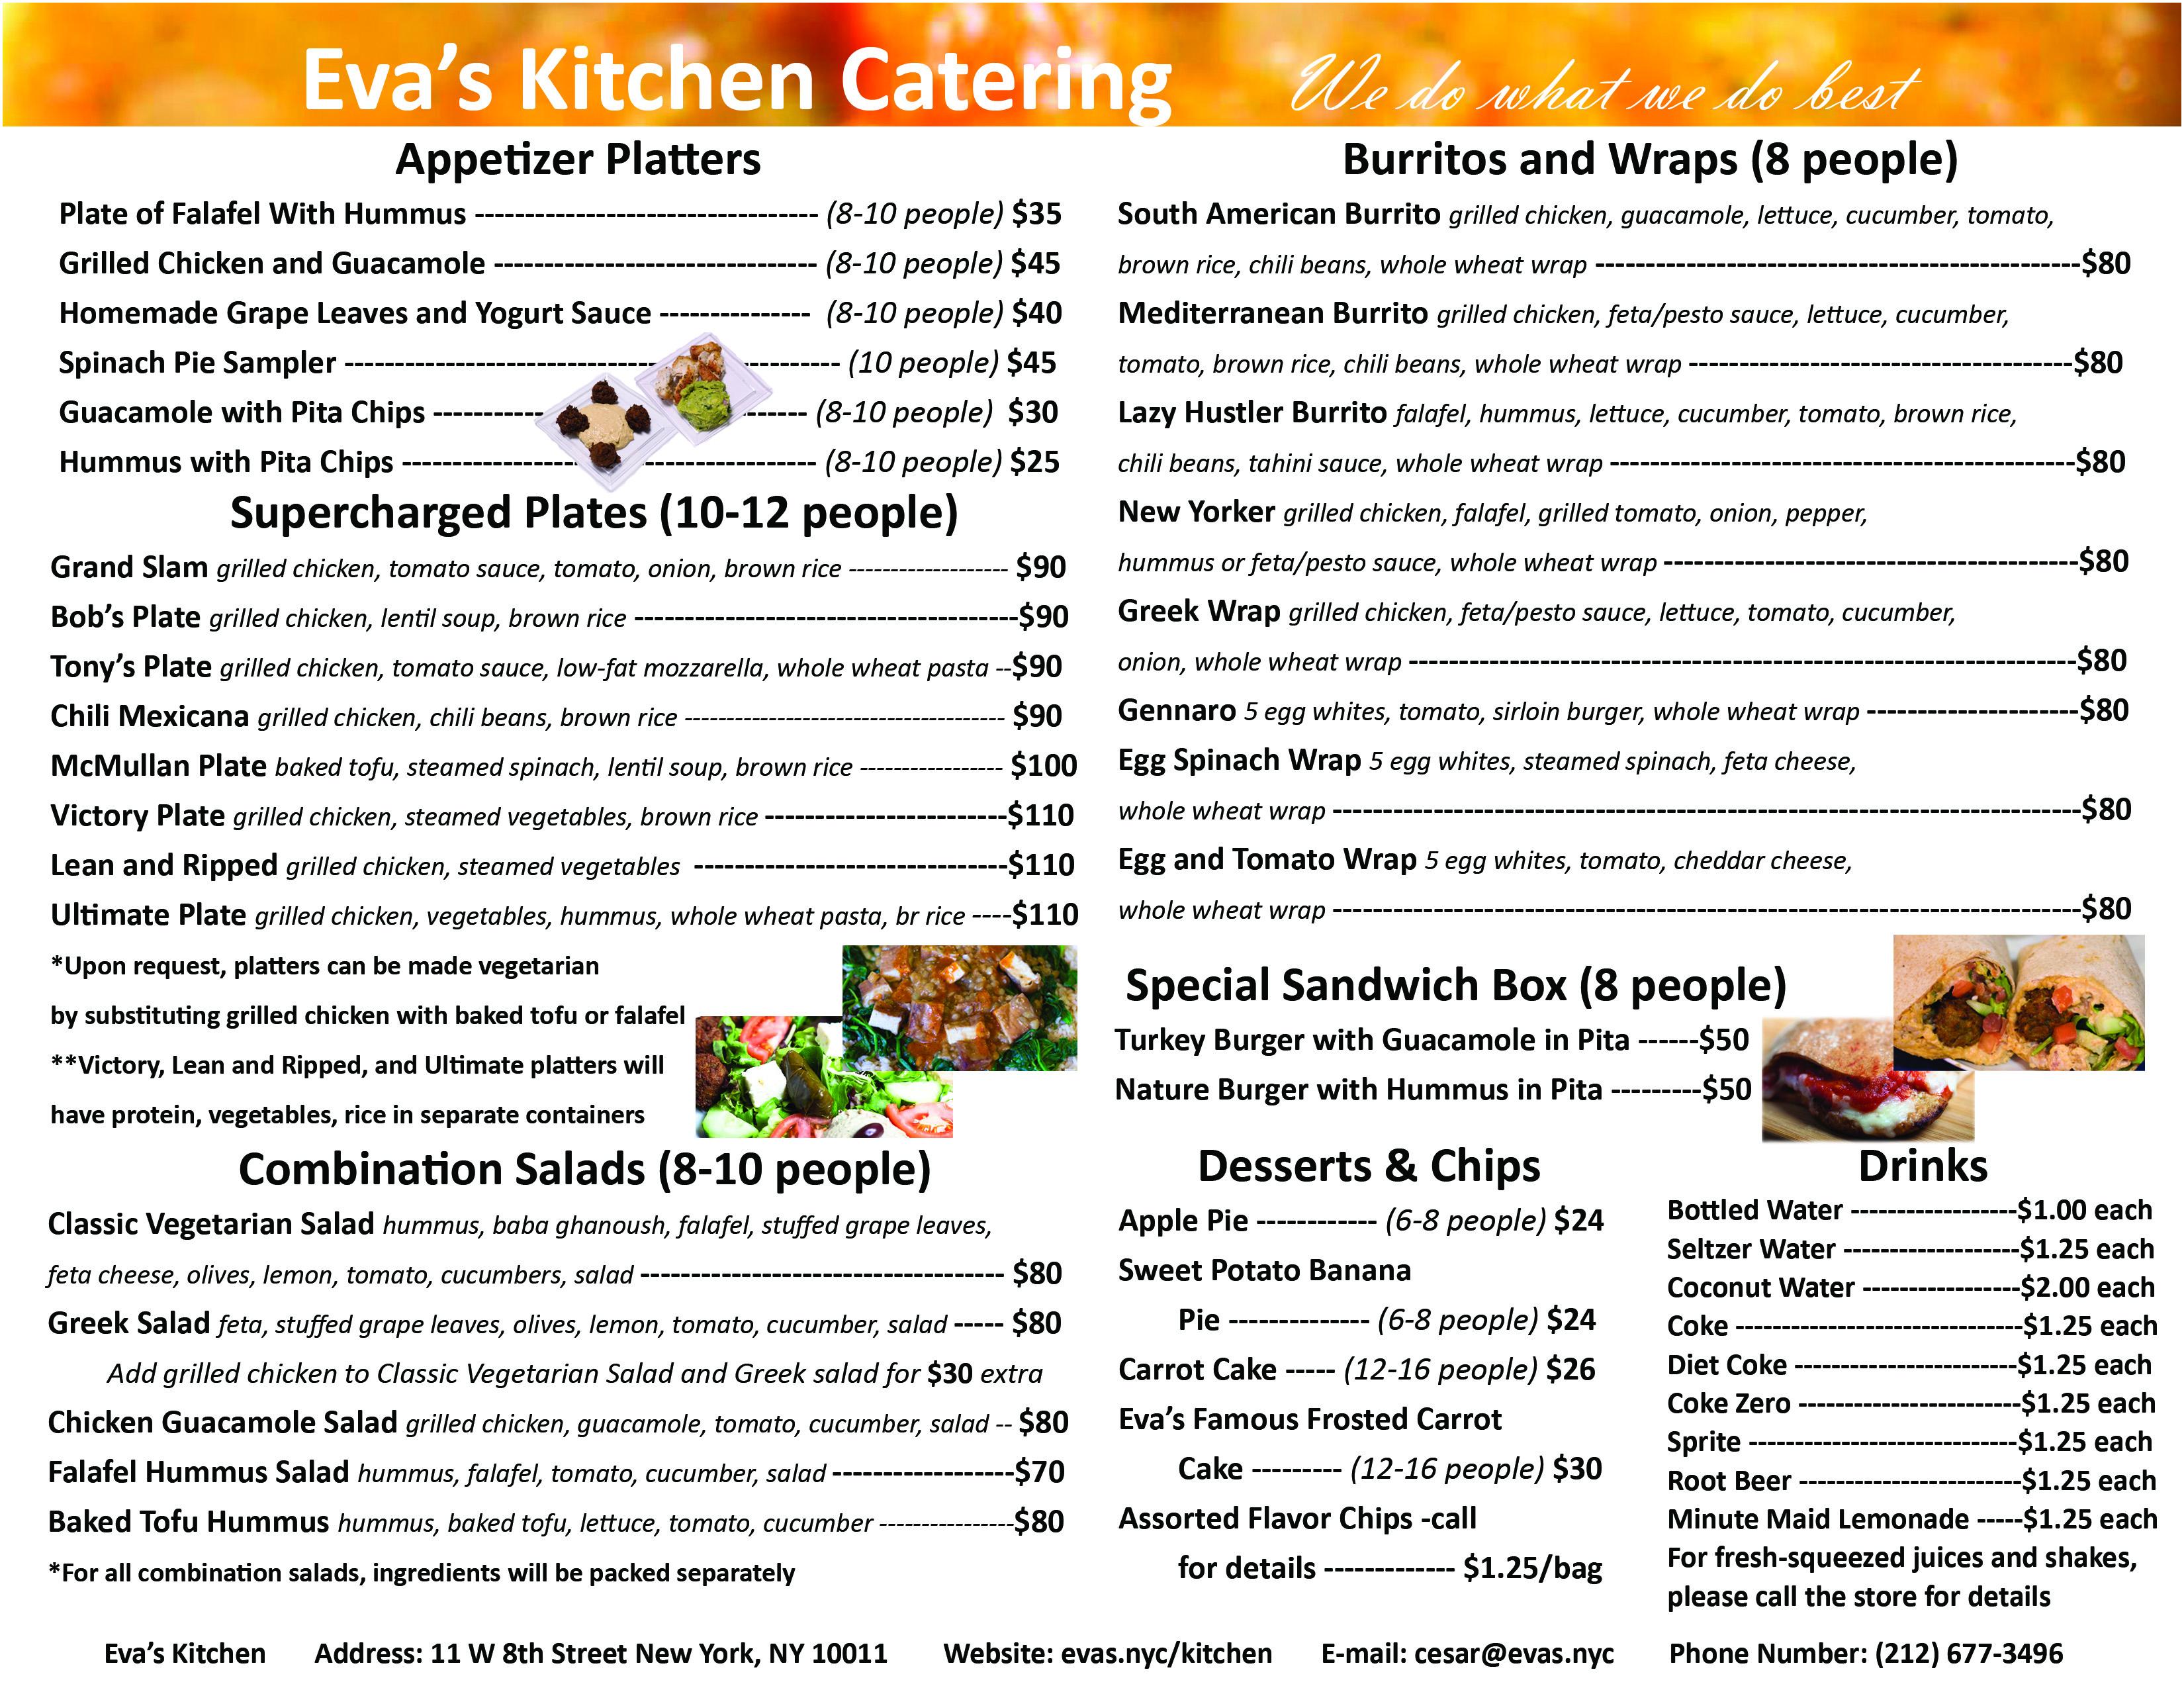 Eva's Catering Menu